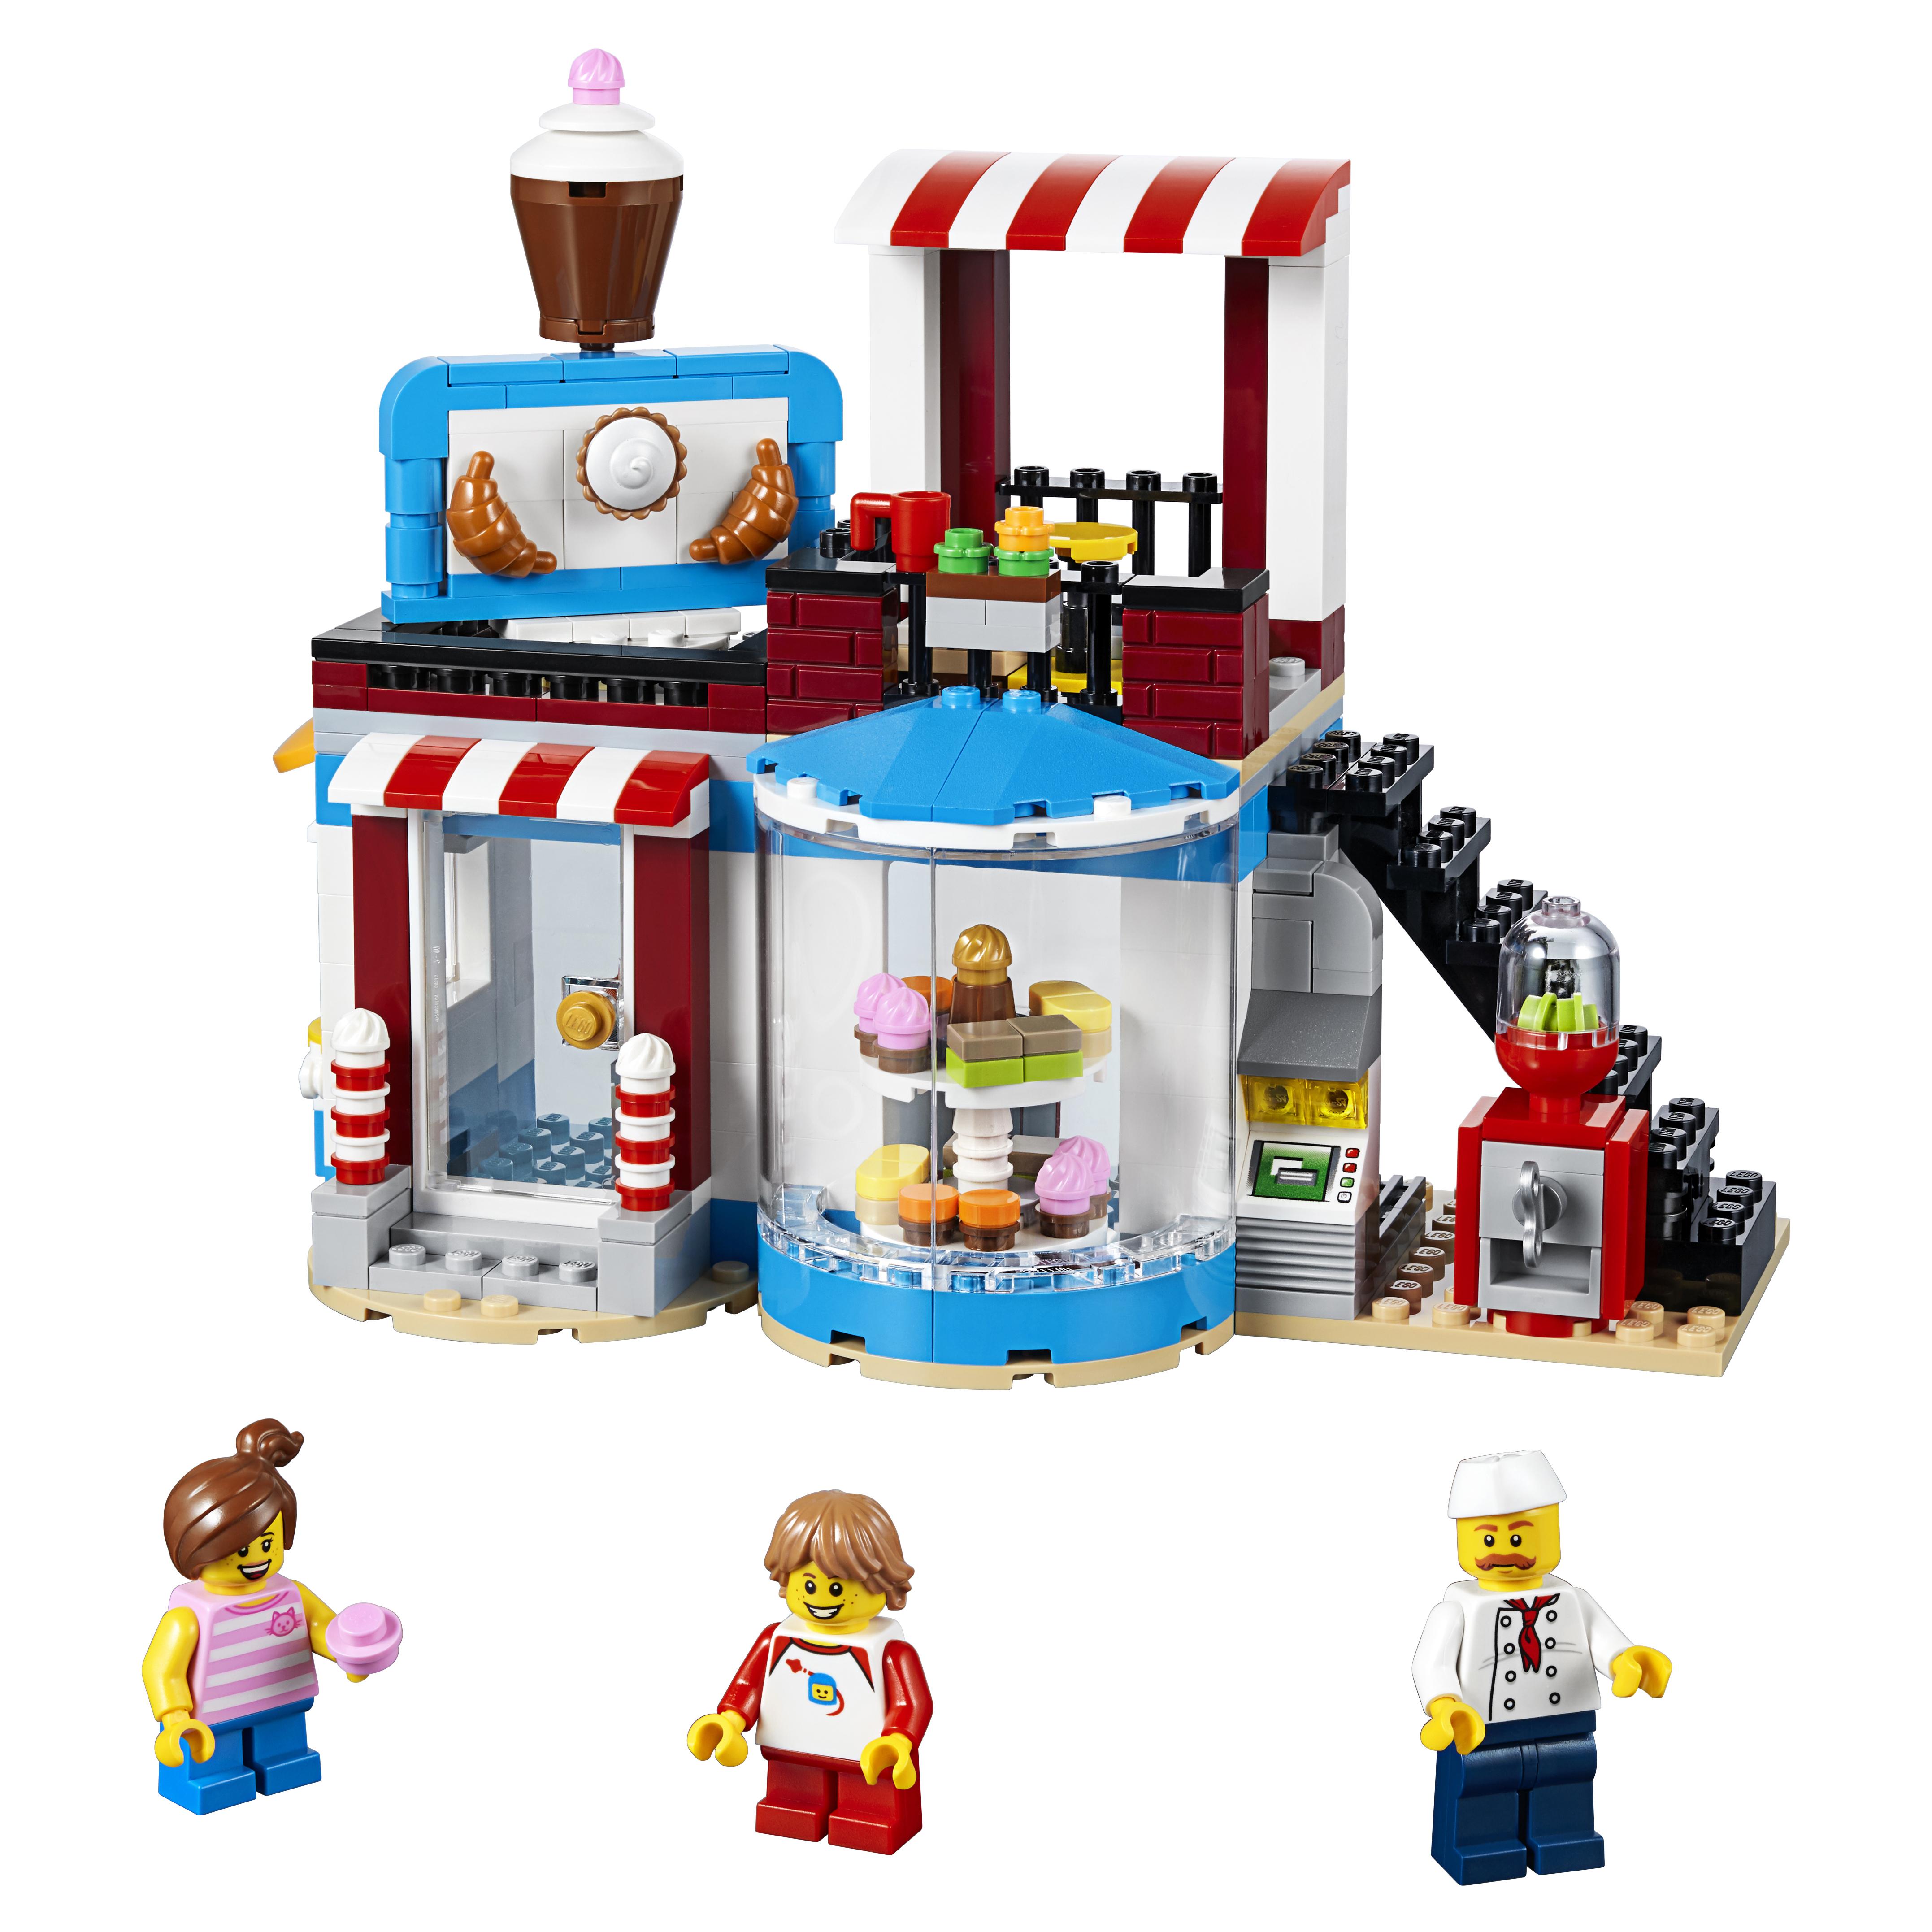 Конструктор LEGO Модульные сборка: приятные сюрпризы 31077